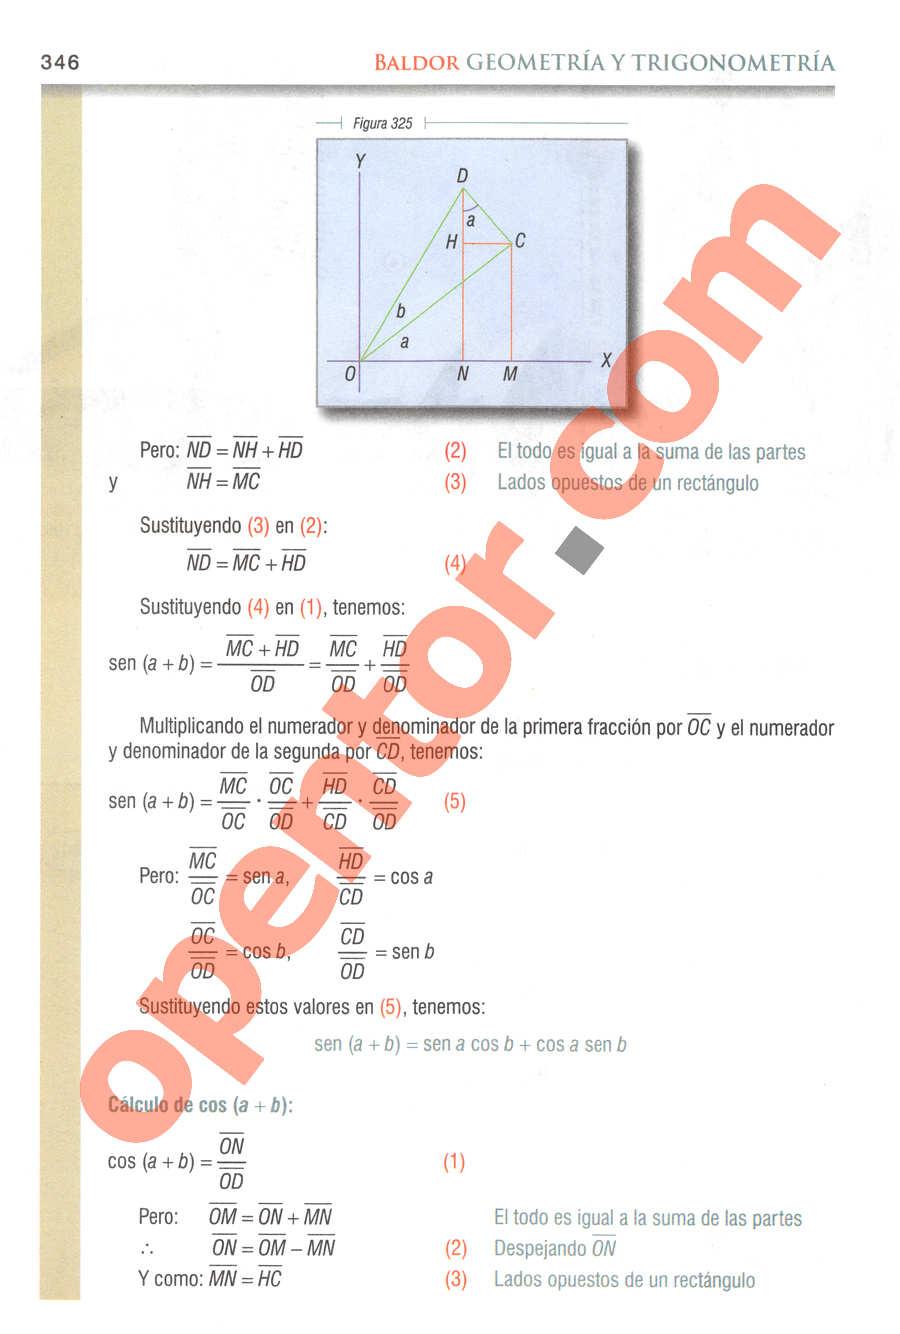 Geometría y Trigonometría de Baldor - Página 346